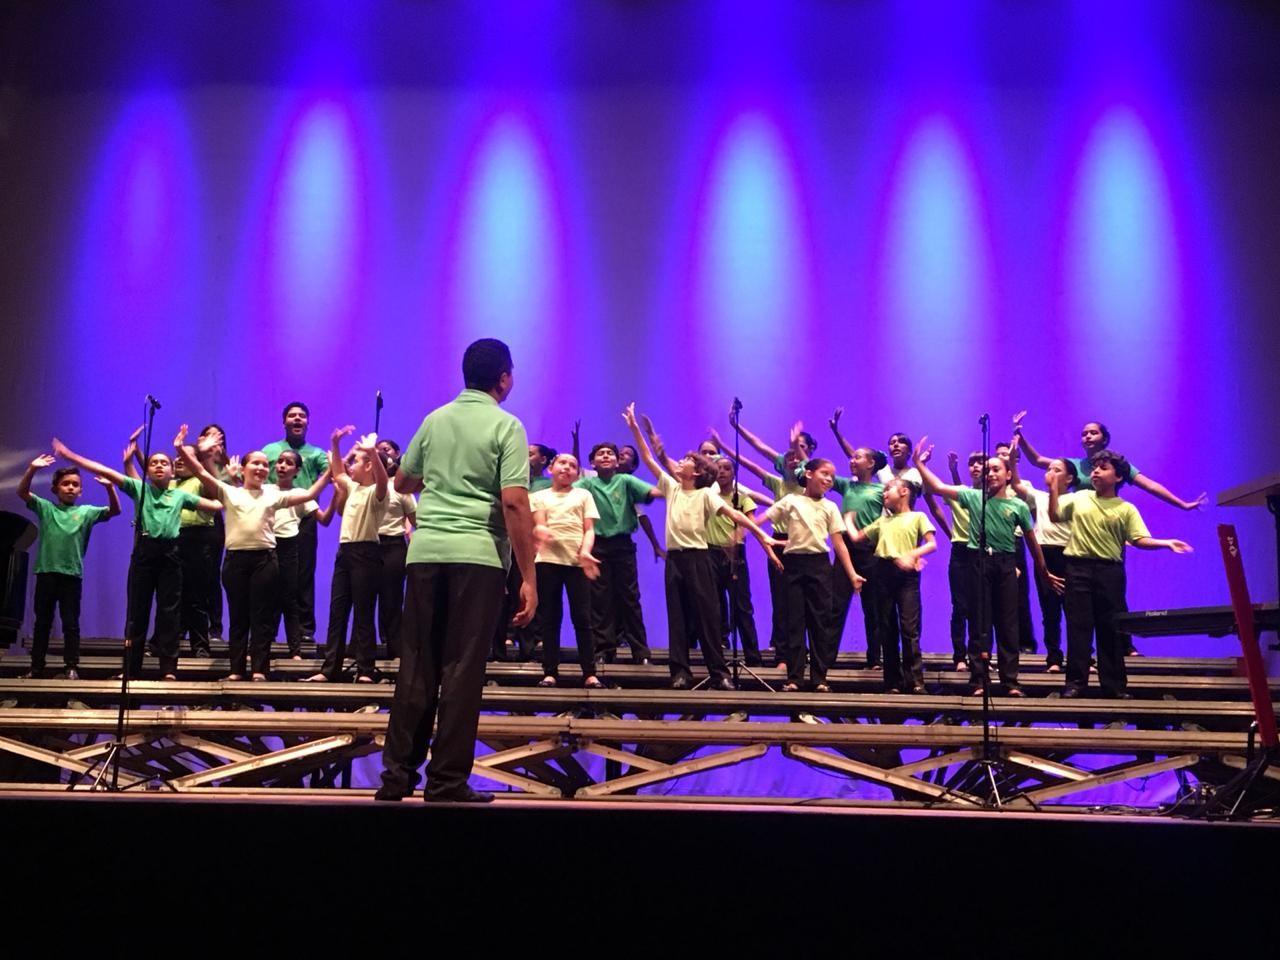 Coral Infantil do Liceu apresenta concerto no Teatro da Instalação, em Manaus, nesta sexta-feira (20) - Notícias - Plantão Diário